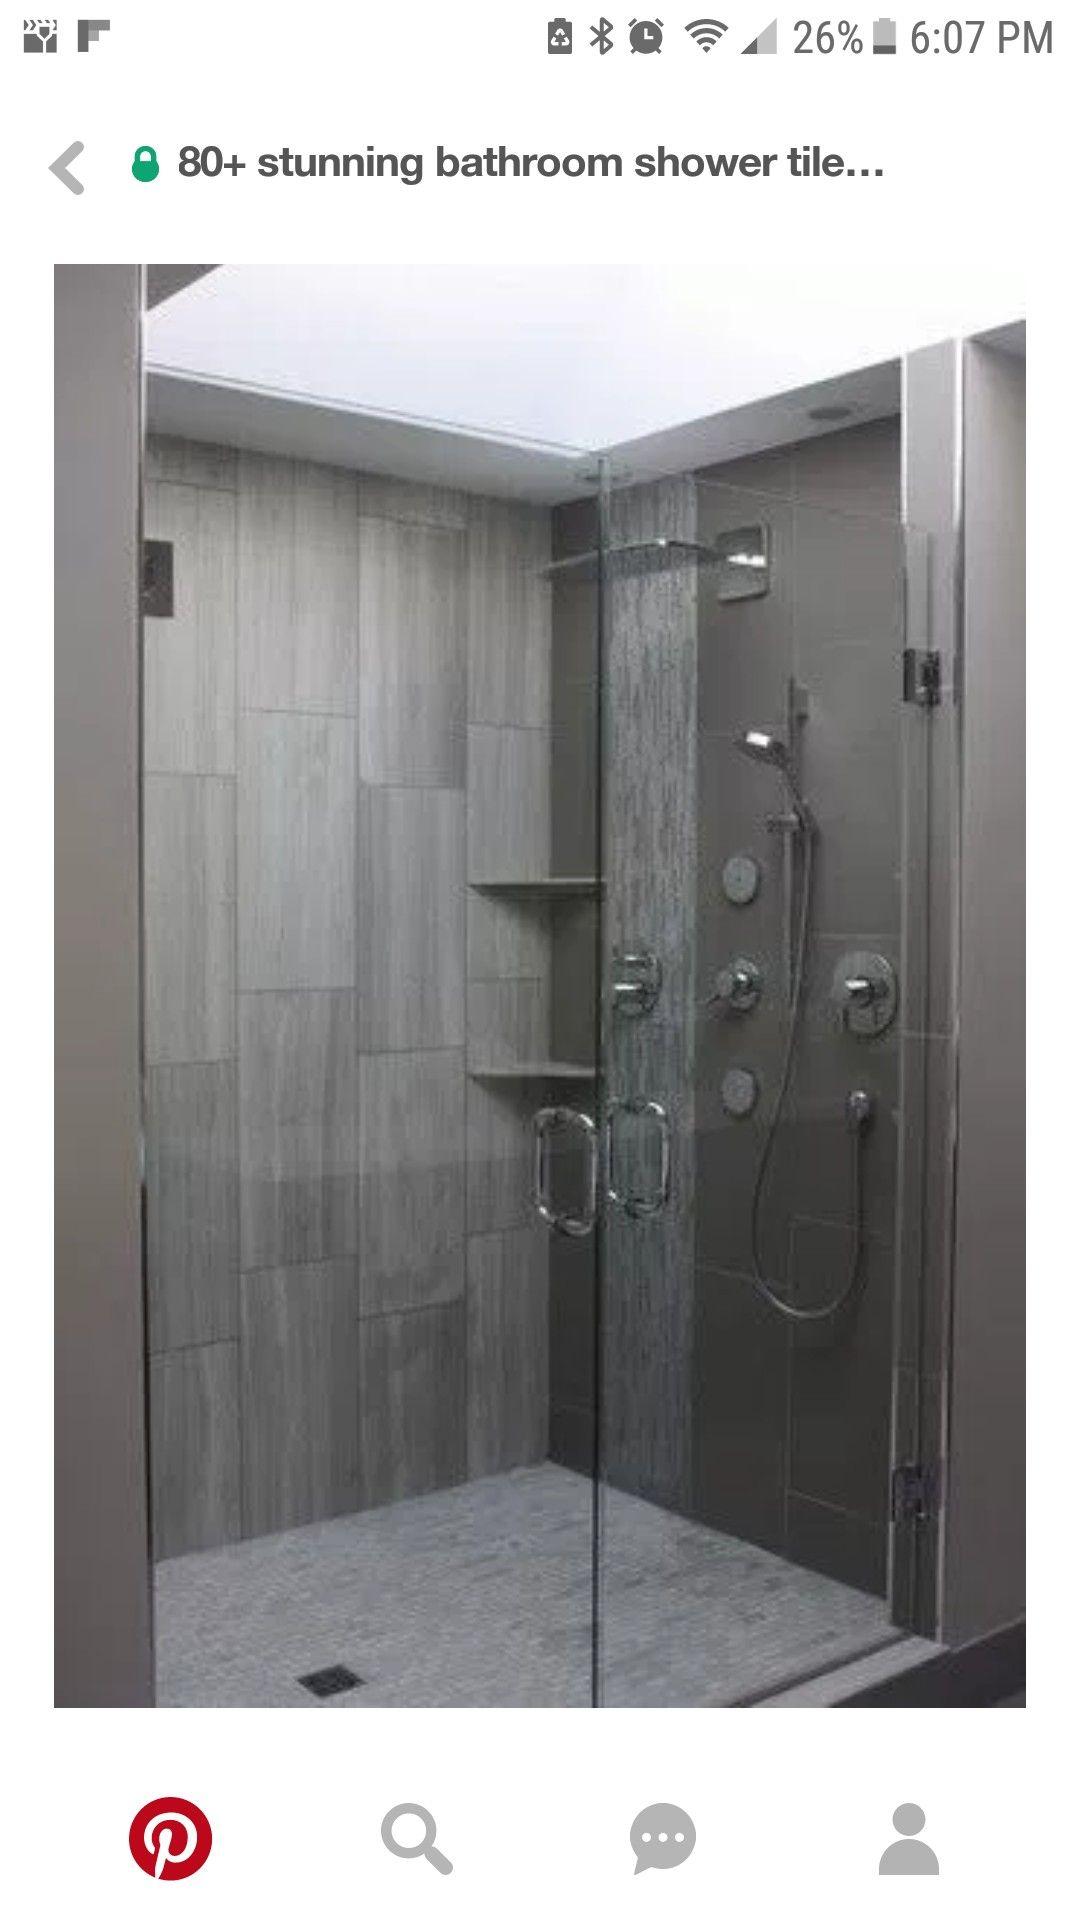 Pin By Lori Ferguson On Bathroom Ideas Bathroom Remodel Shower